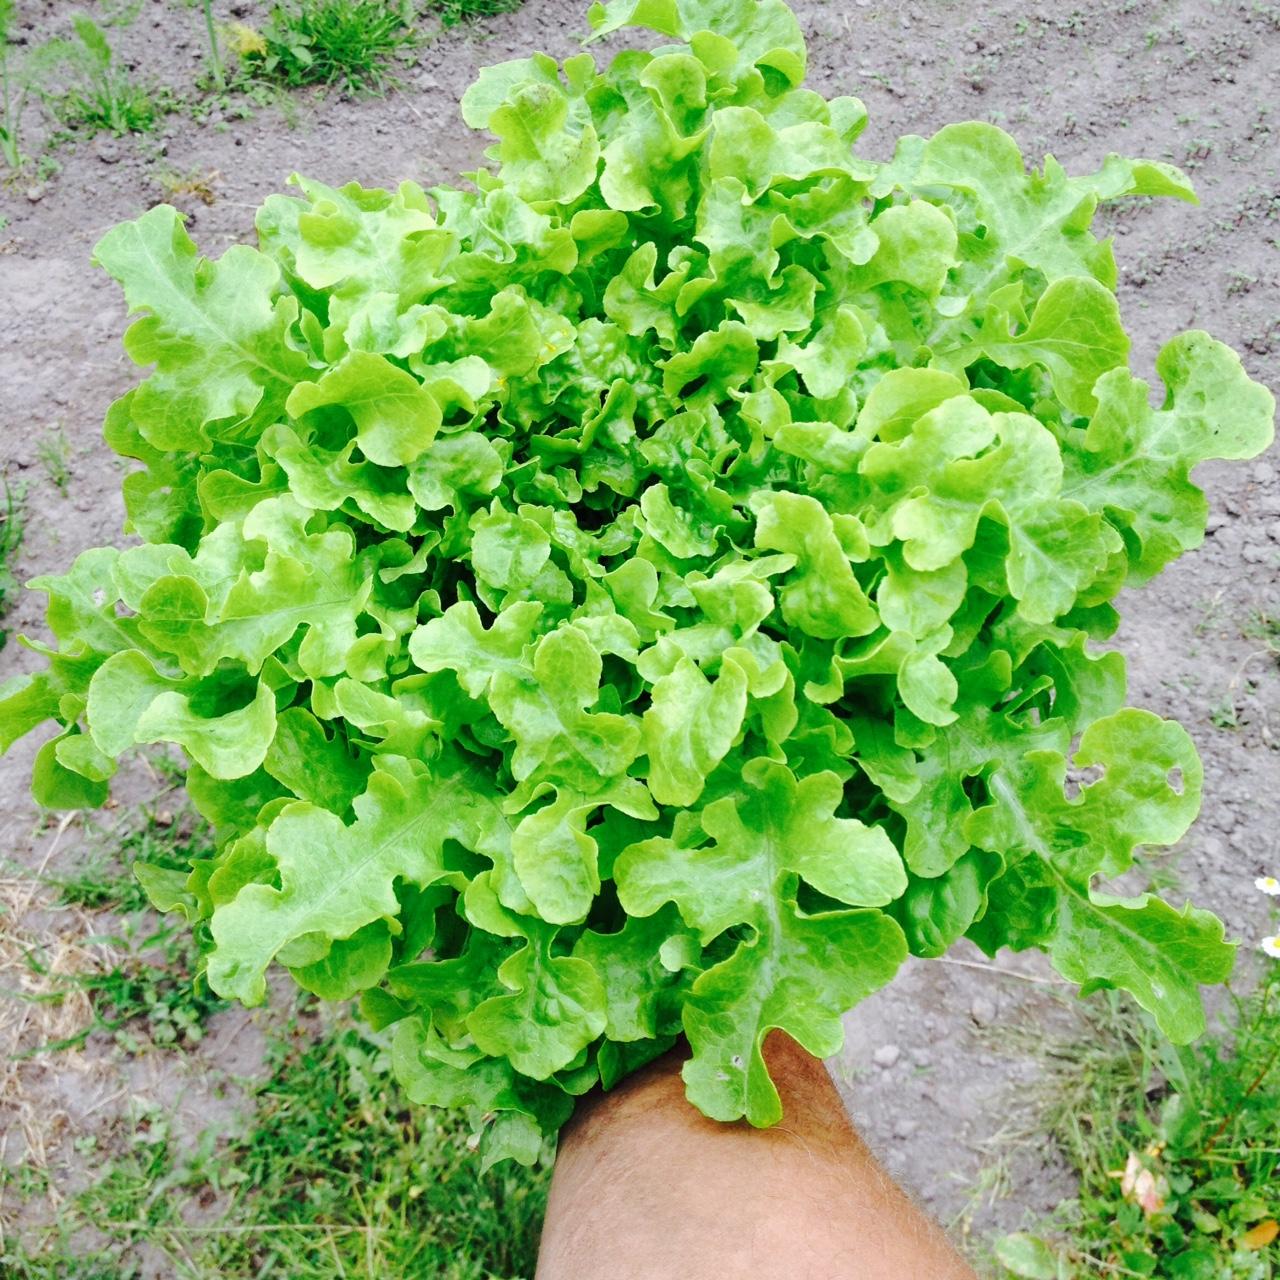 eikenblad groen.jpg